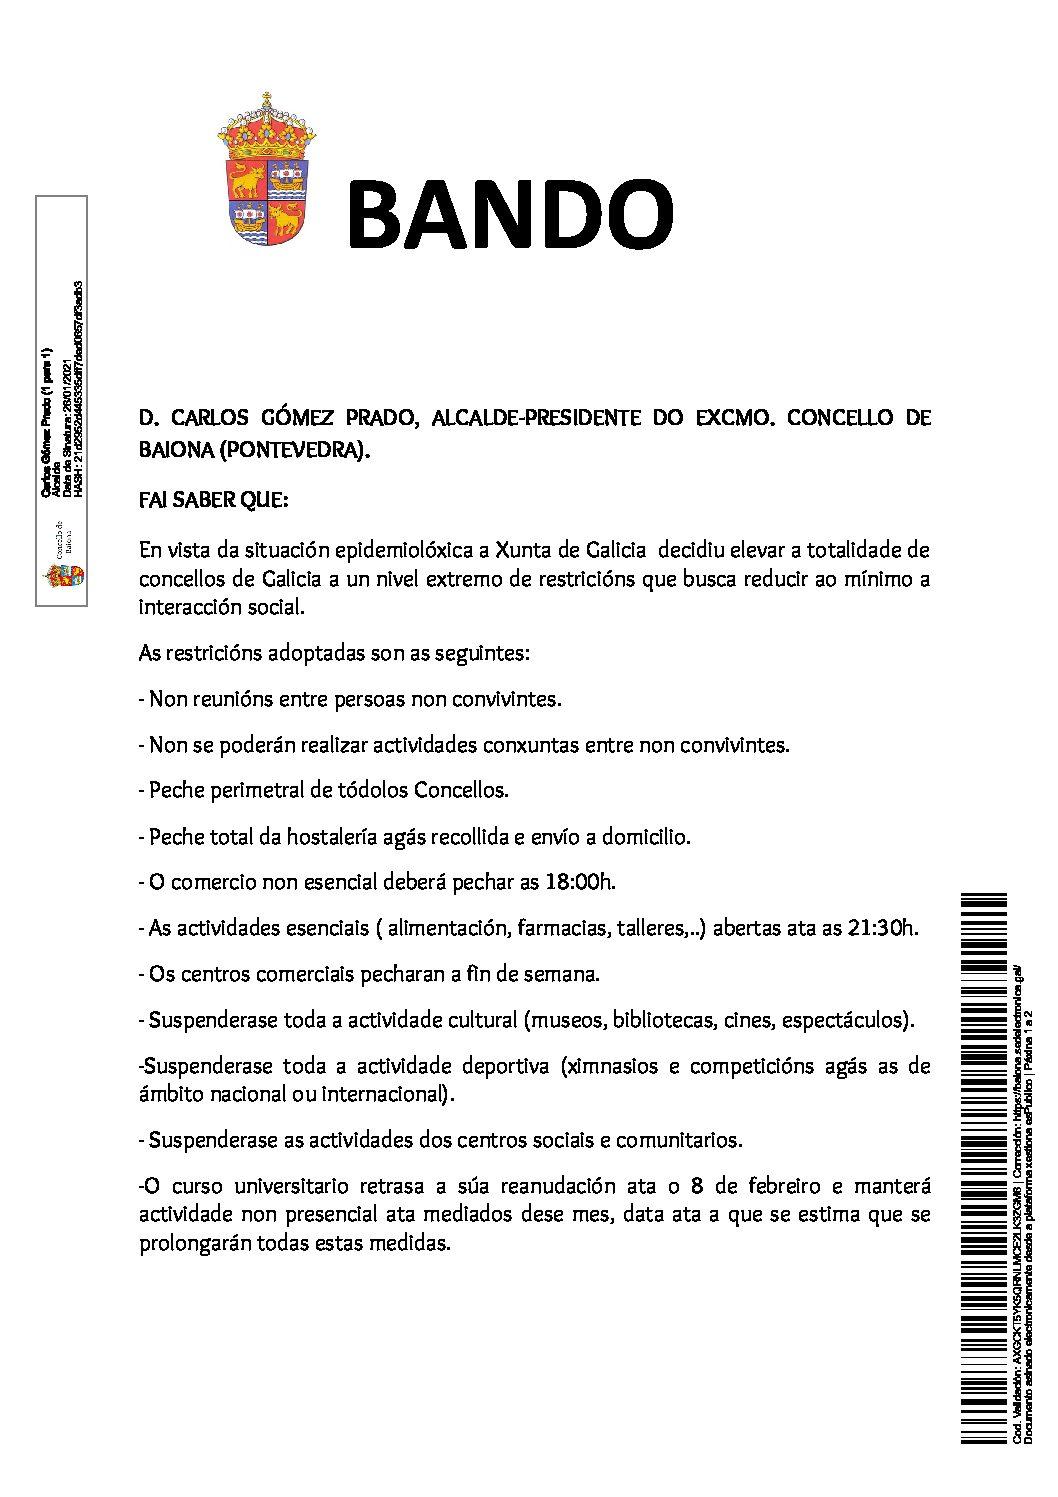 BANDO CONCELLO DE BAIONA 26012021 1 pdf Baiona